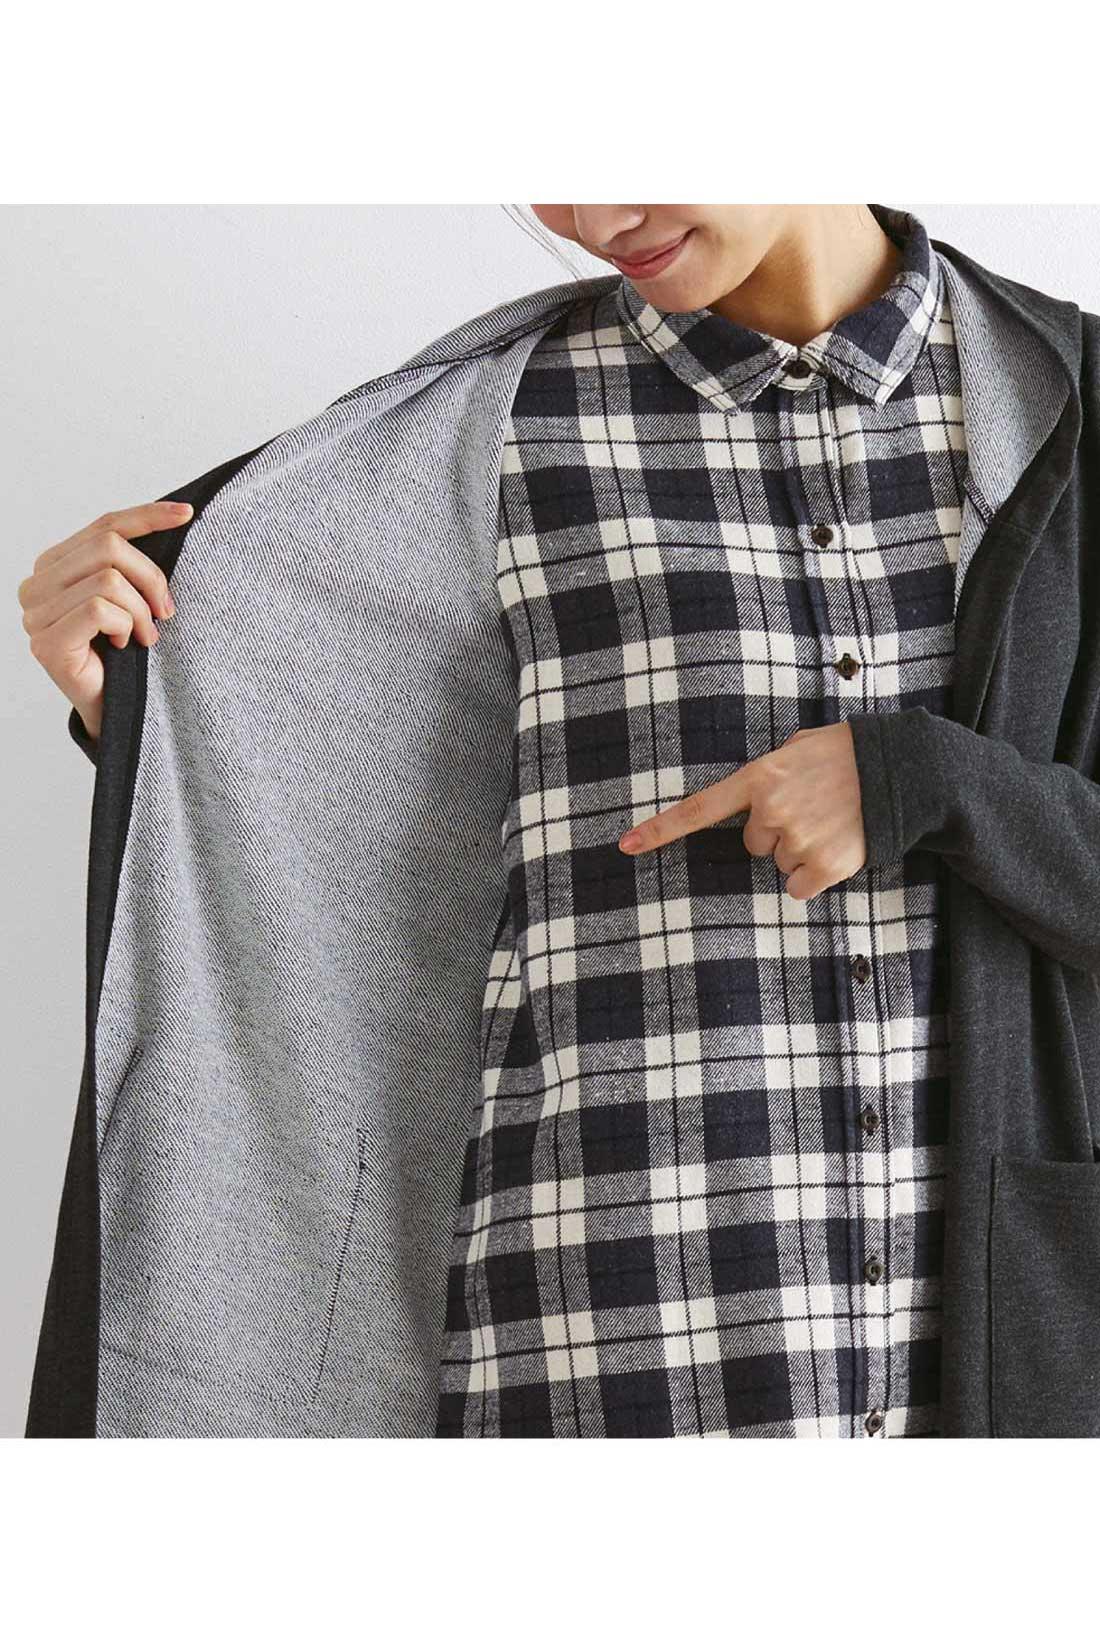 前身ごろのみシャツとパーカーがくっついた2枚仕立て。